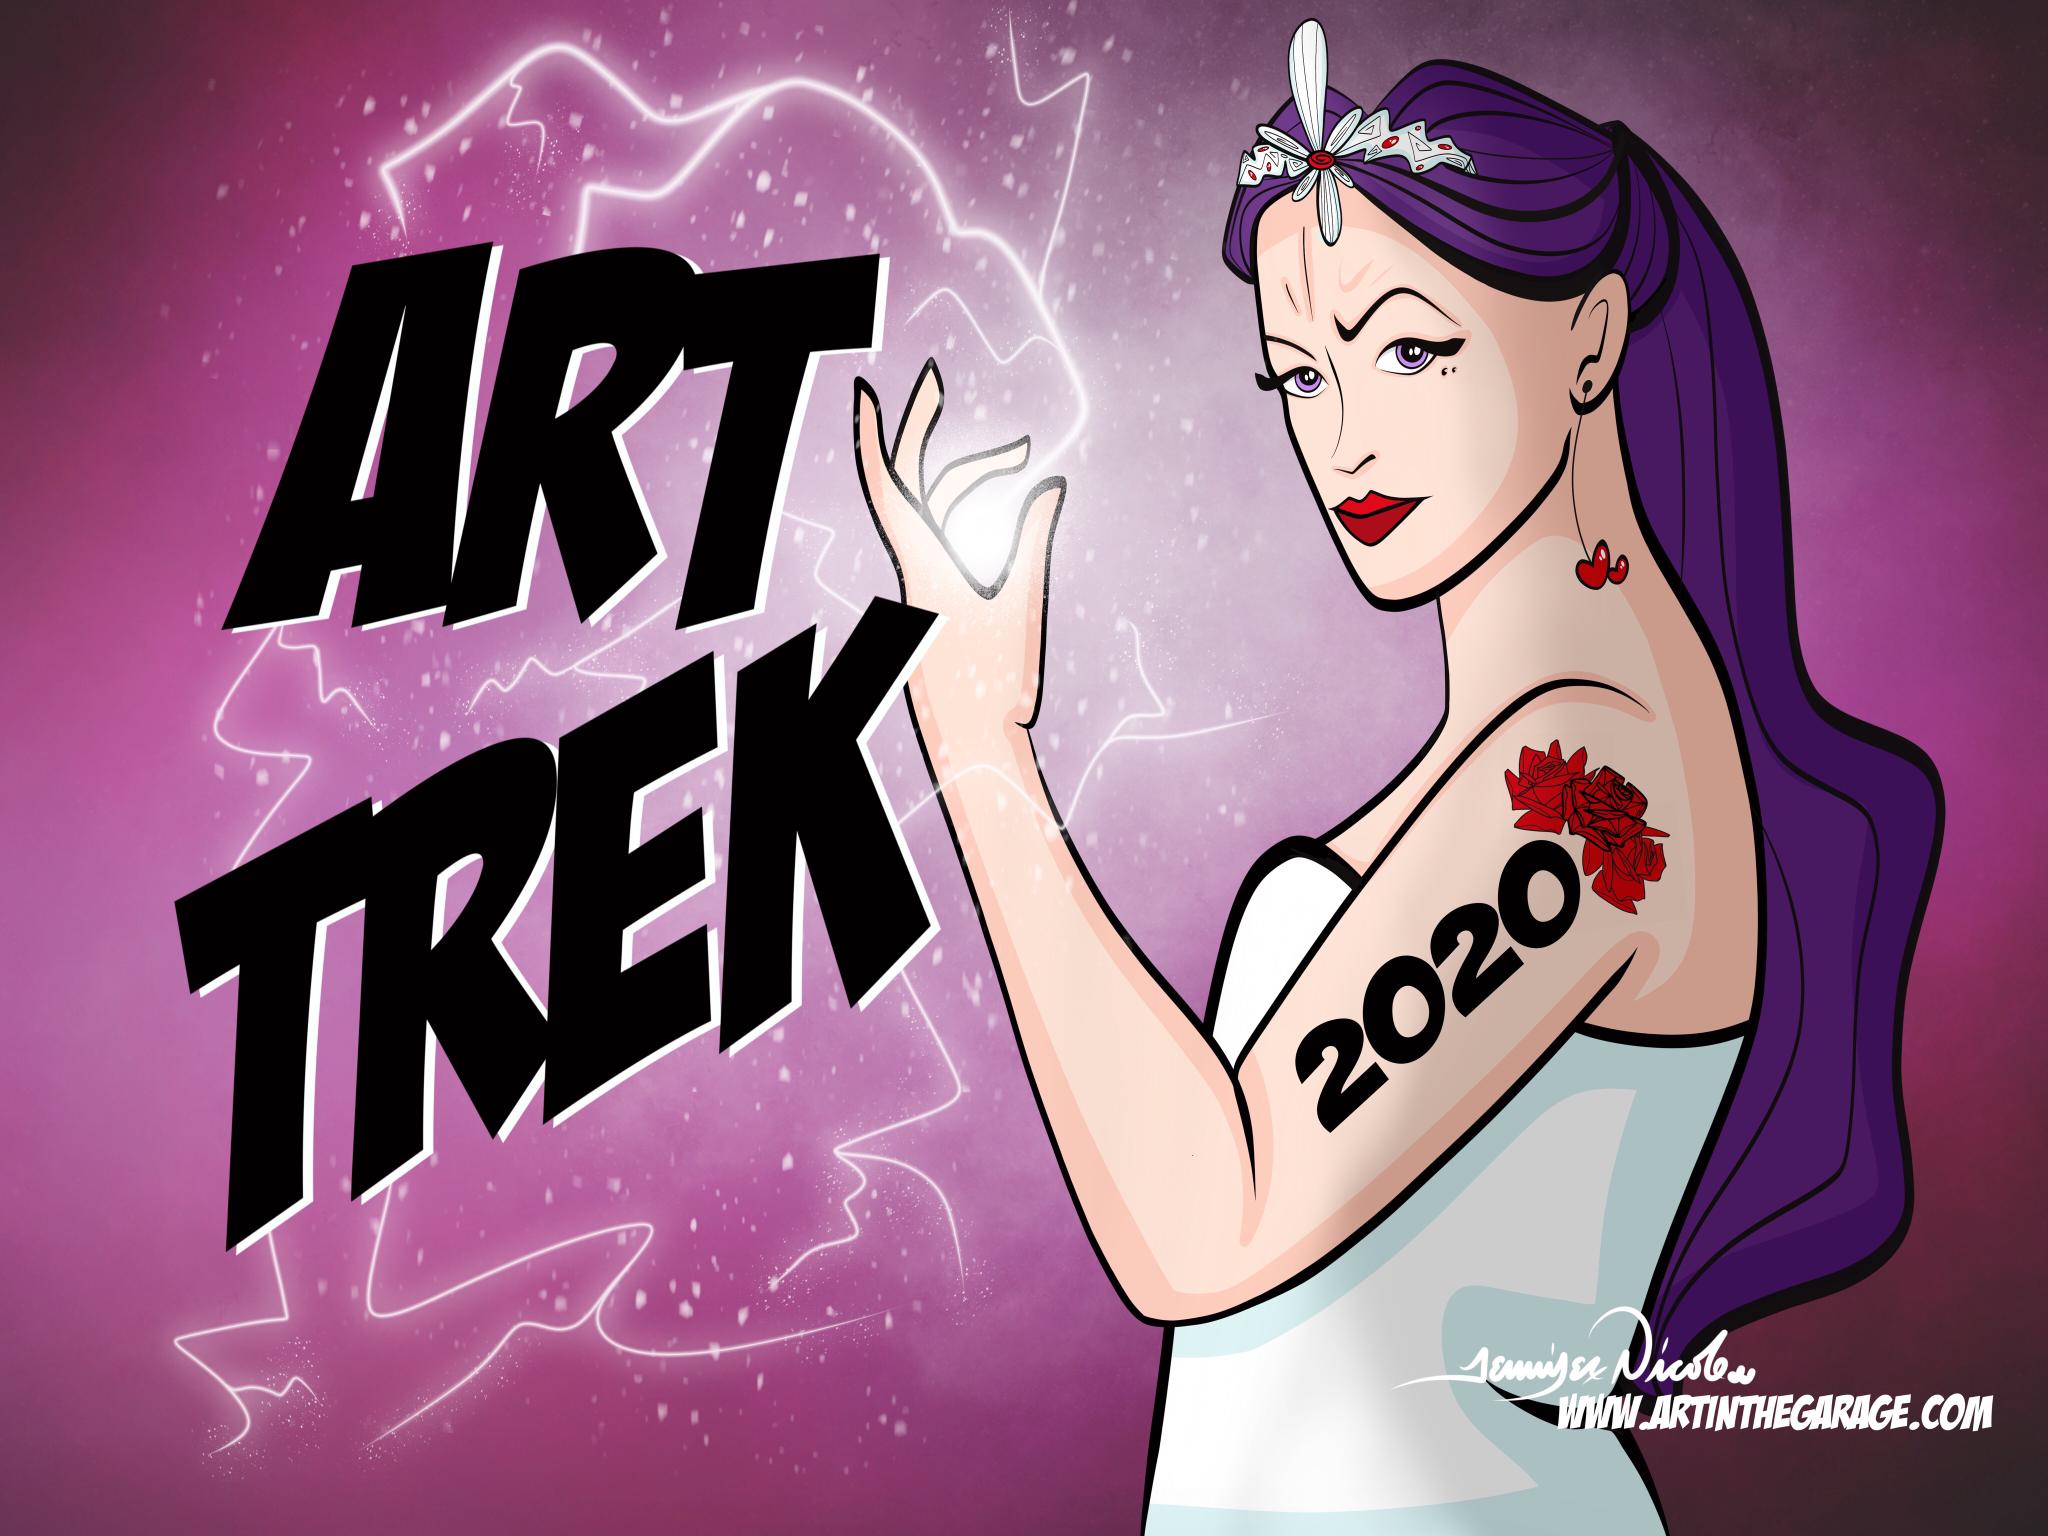 12-30-19 Art Trek 2020